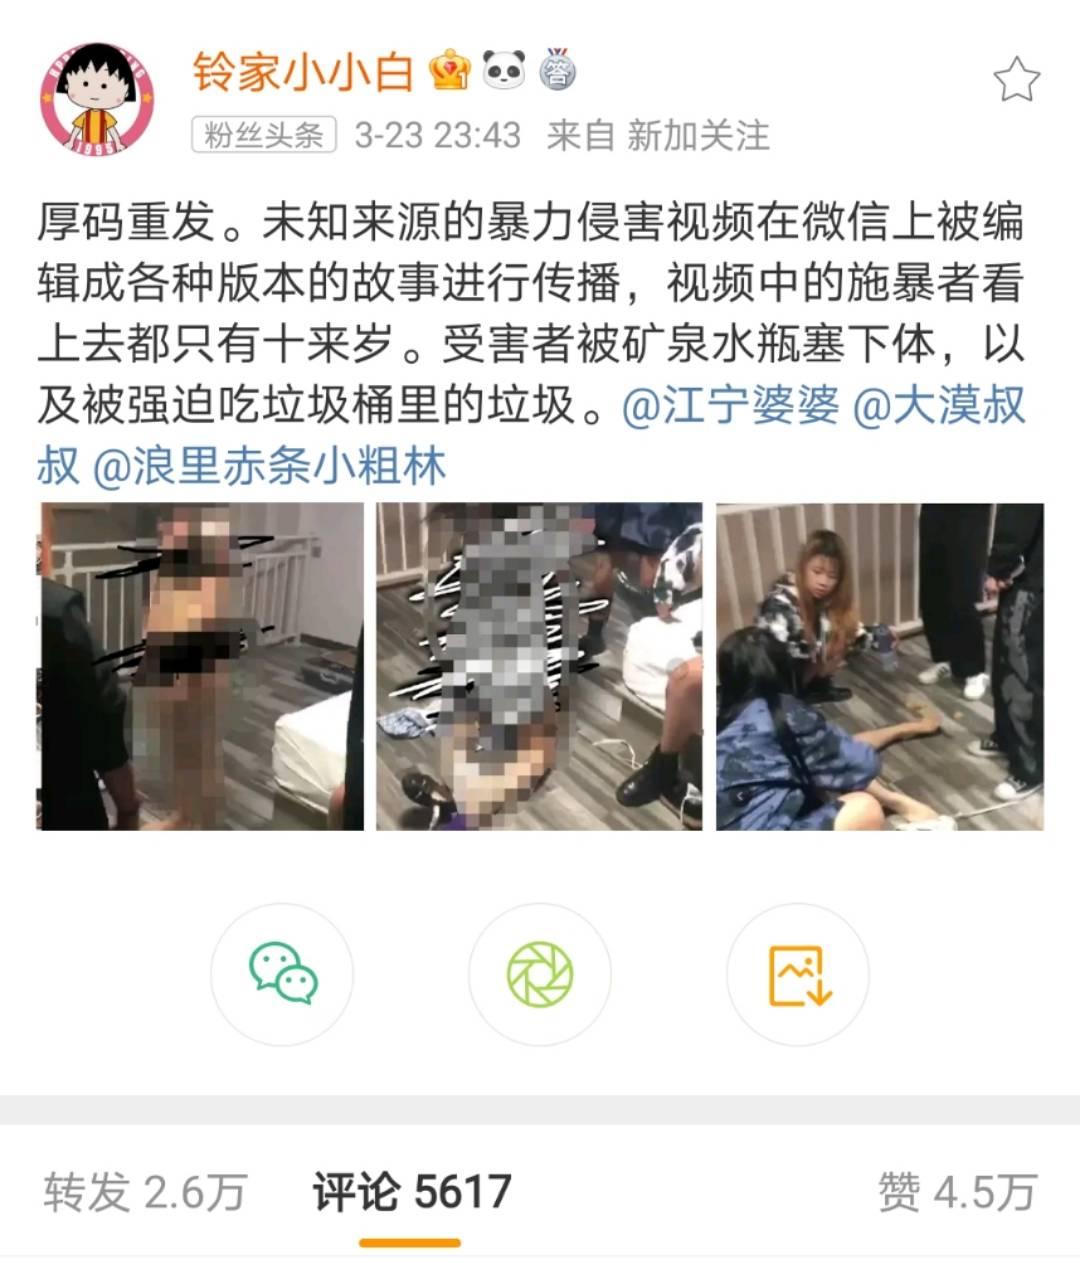 """南宁市妇女联合会回复网爆""""女人疑遭多的人暴力行为损害""""视频:"""